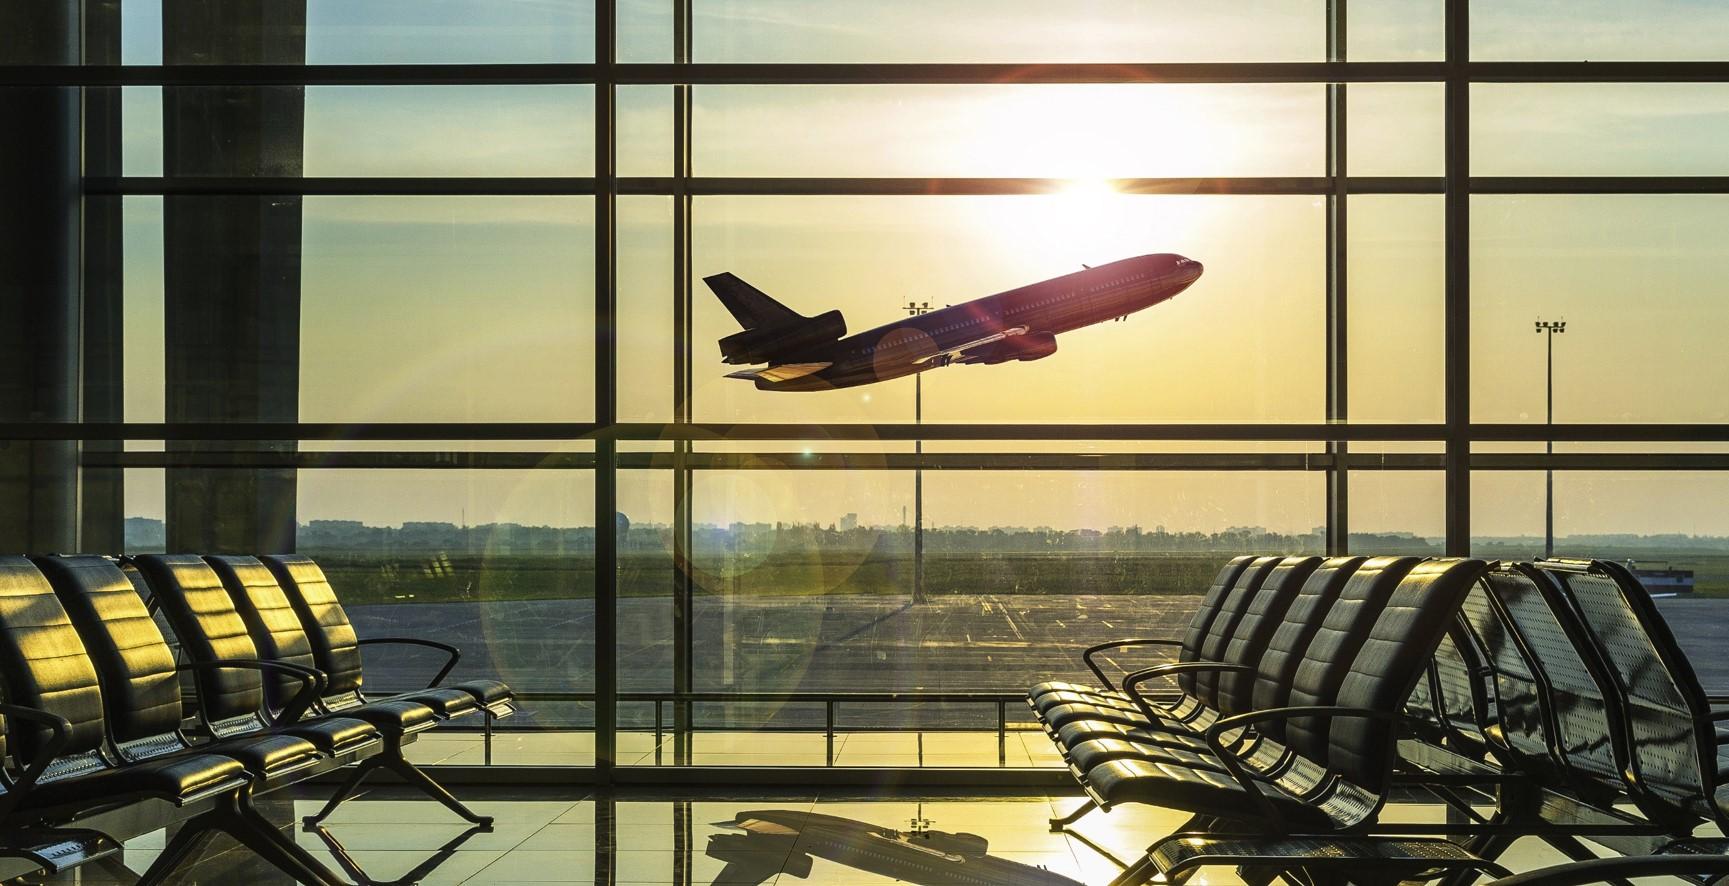 Terminy znoszenia ograniczeń w podróżowaniu - narzędzie interaktywne